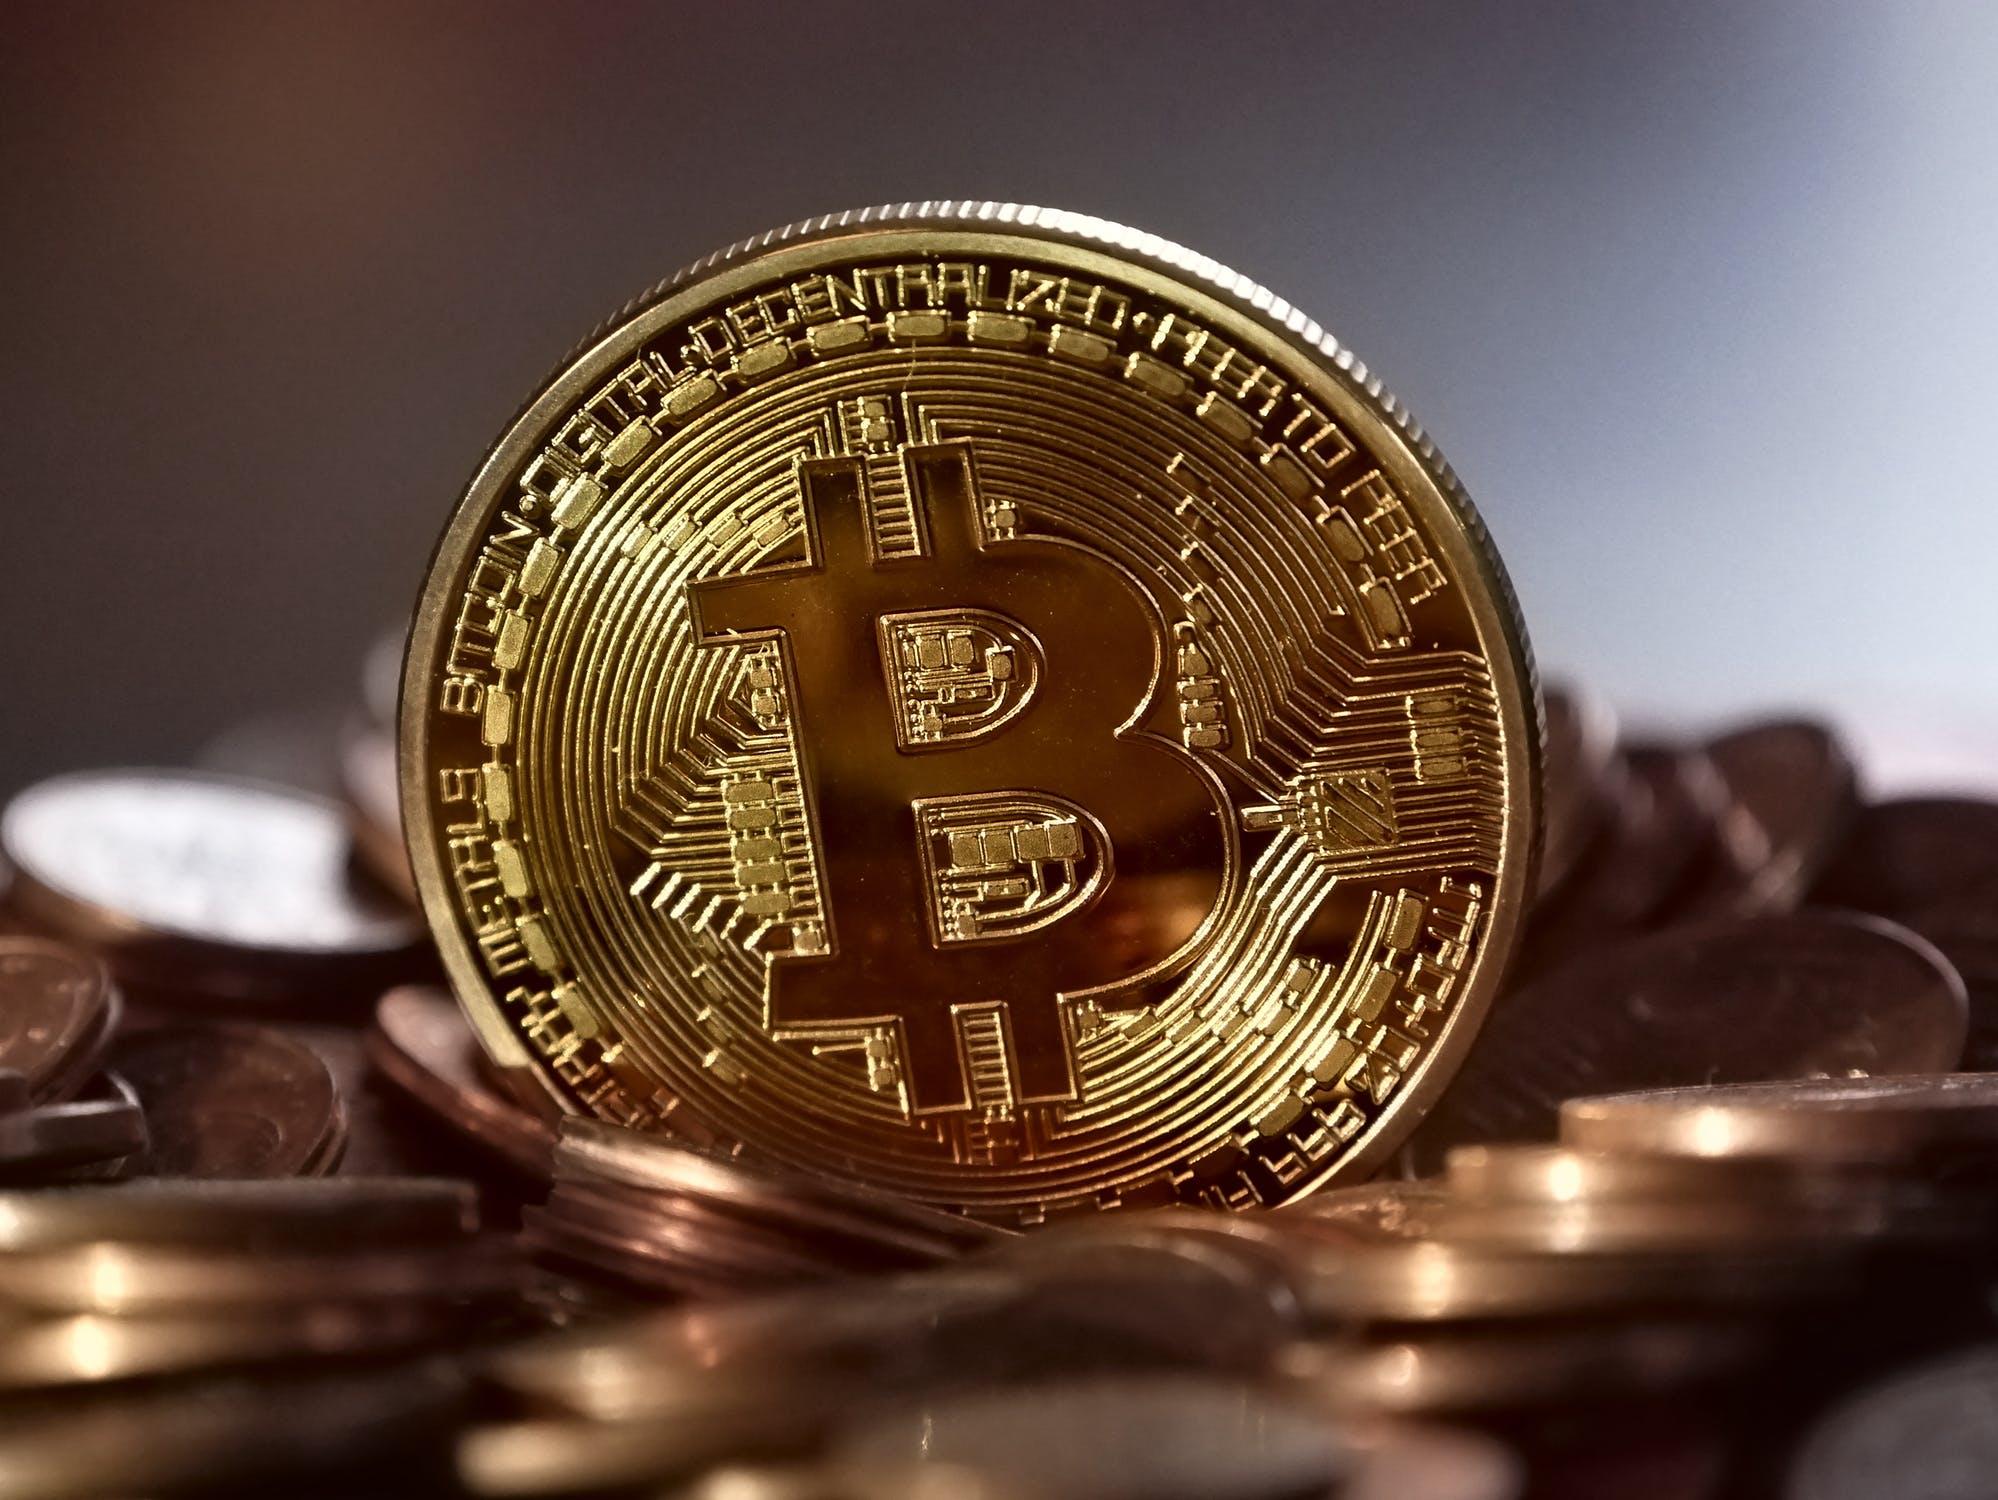 Le prix du bitcoin passe sous la barre des 30 000 $ US alors que les marchés mondiaux chutent fortement en raison de la variante Delta de Covid-19